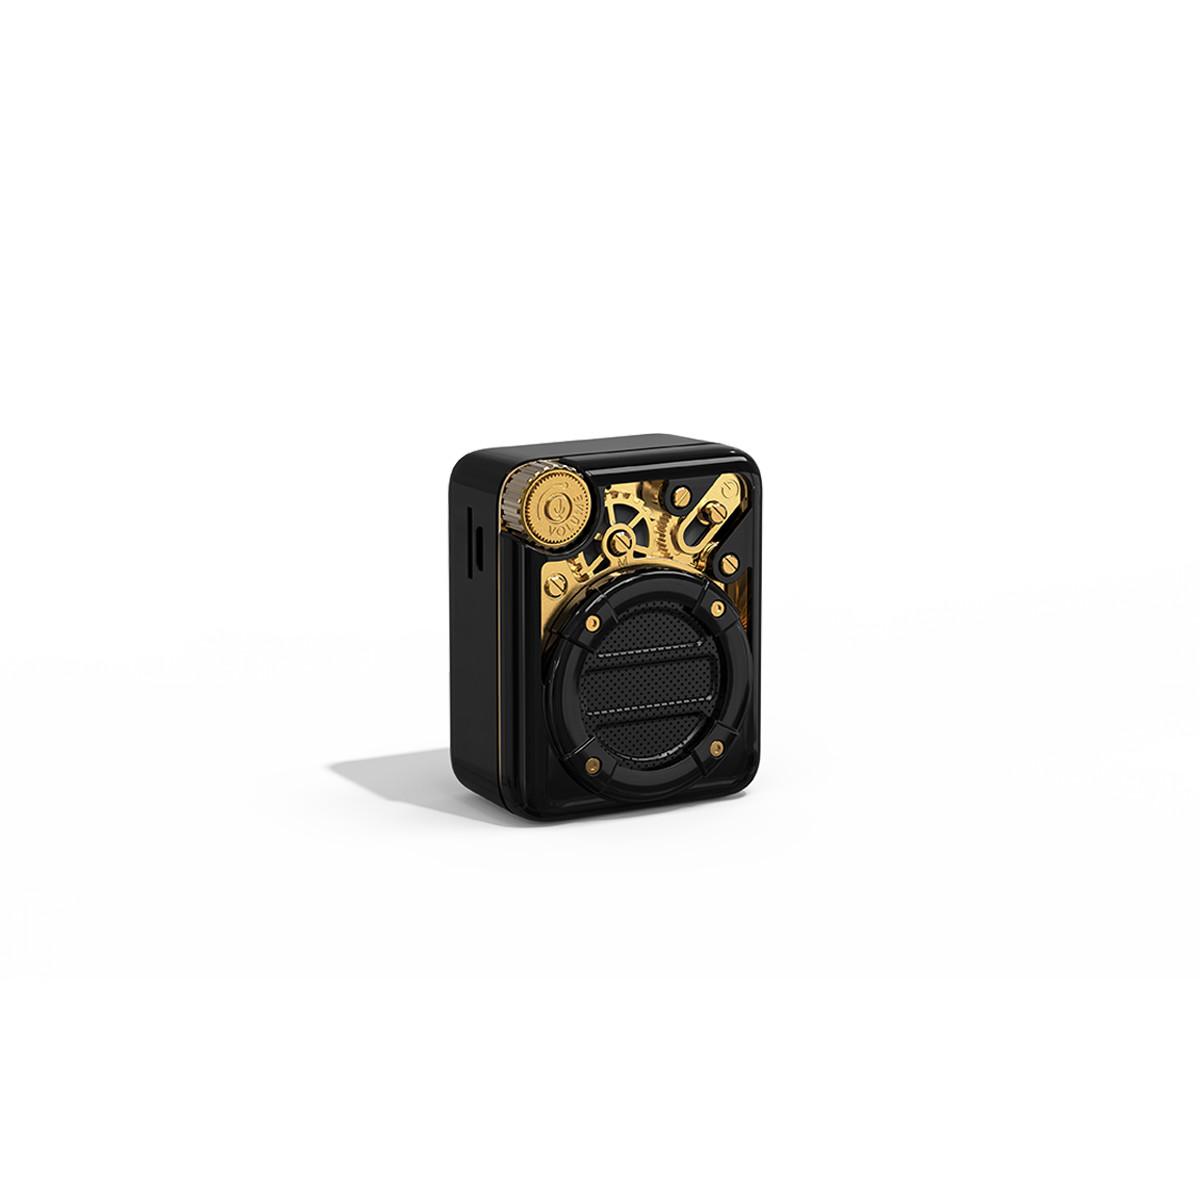 Loa Divoom Espresso 4W - tích hợp Bluetooth v 5.0, FM radio và TF card - Hàng chính hãng